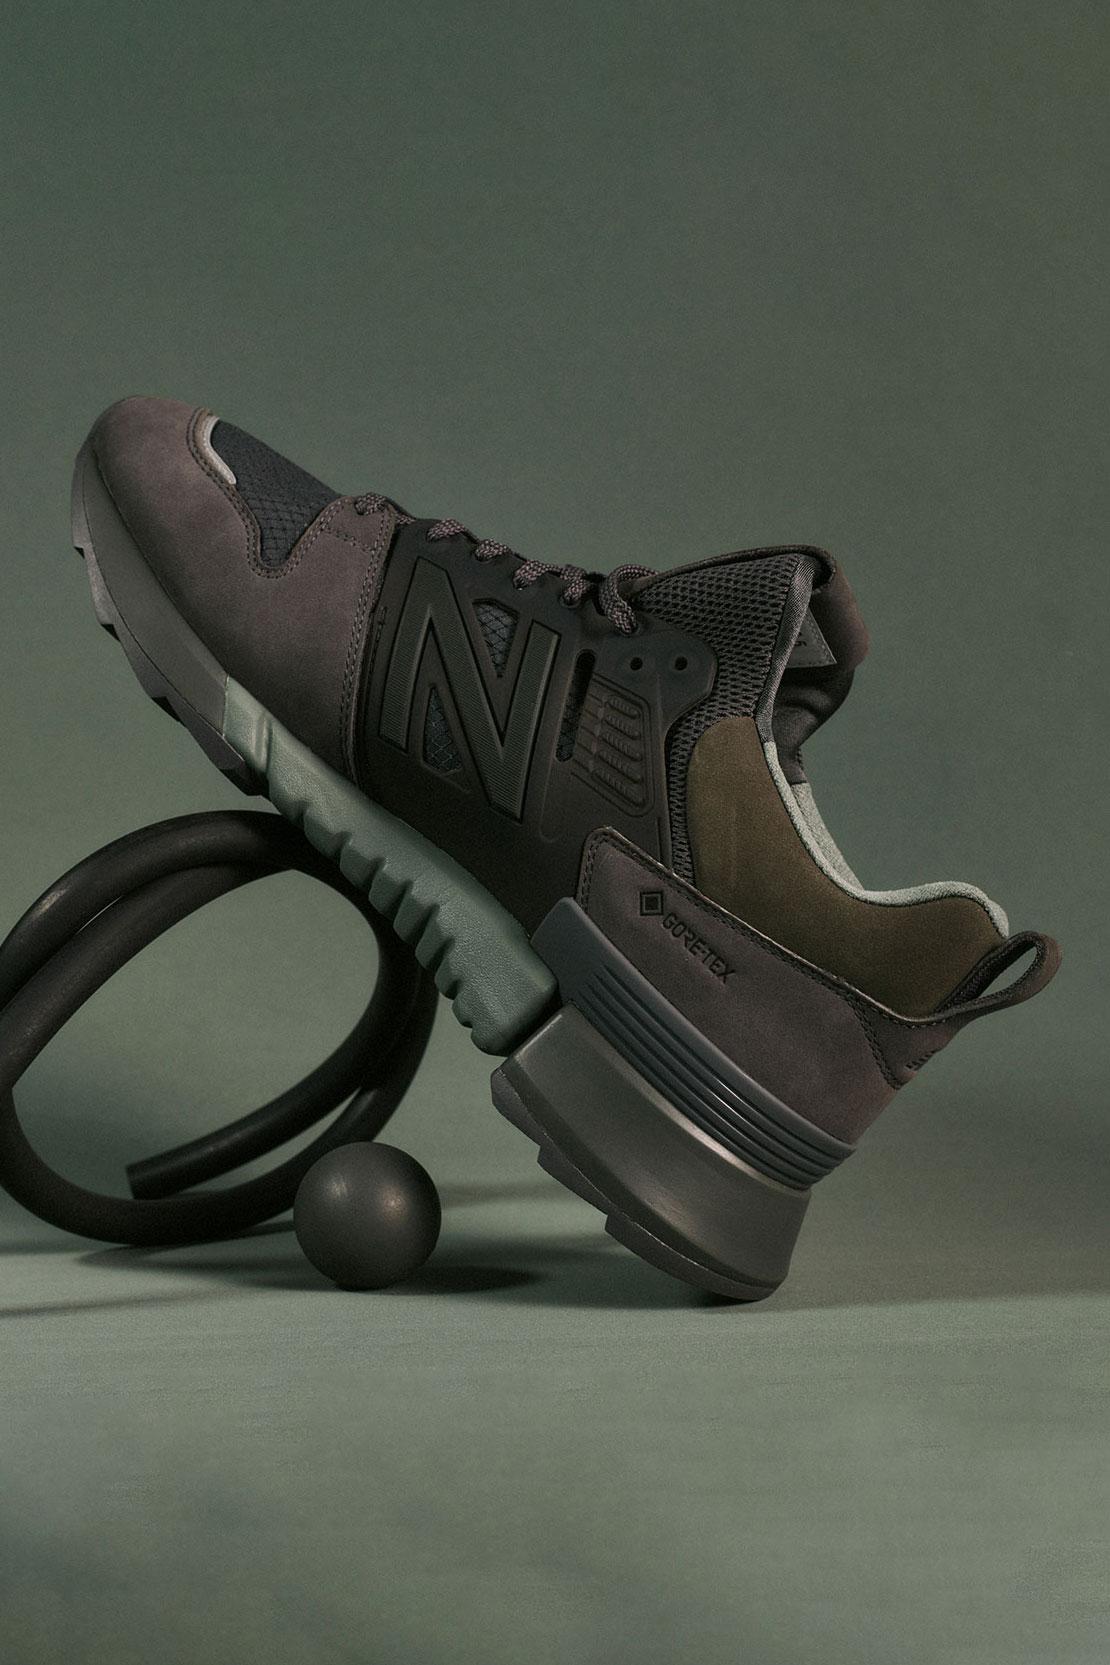 オーラリー × トーキョー デザイン スタジオ ニューバランス アールシー2/ ブラウン ブラック auralee-tokyo-design-studio-new-balance-rc-2-sneakers-collaboration-brown-black-look-1